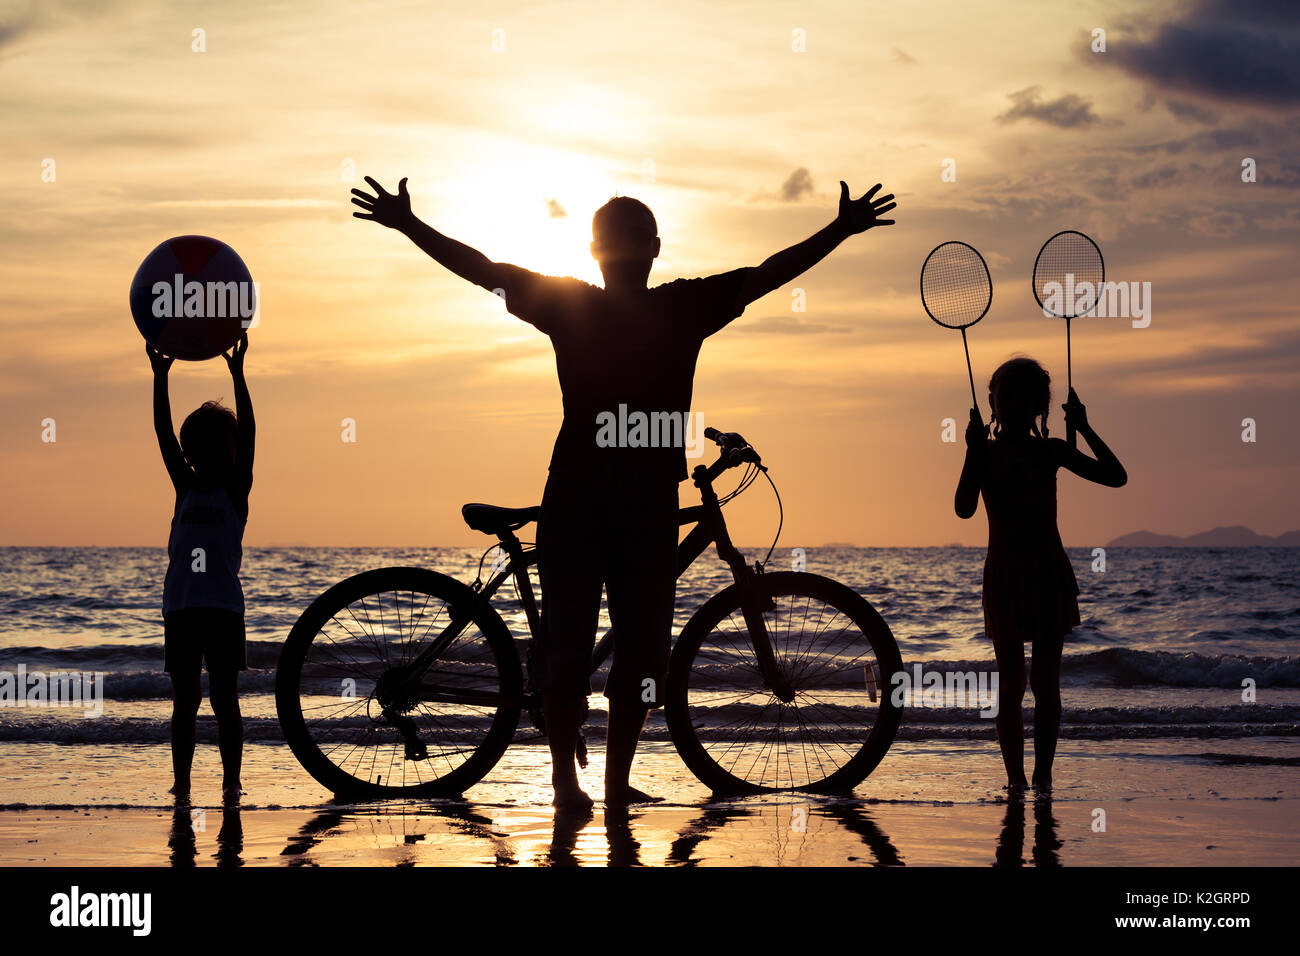 Padre e figli giocando sulla spiaggia al tramonto. Concetto di felice famiglia amichevole. Immagini Stock